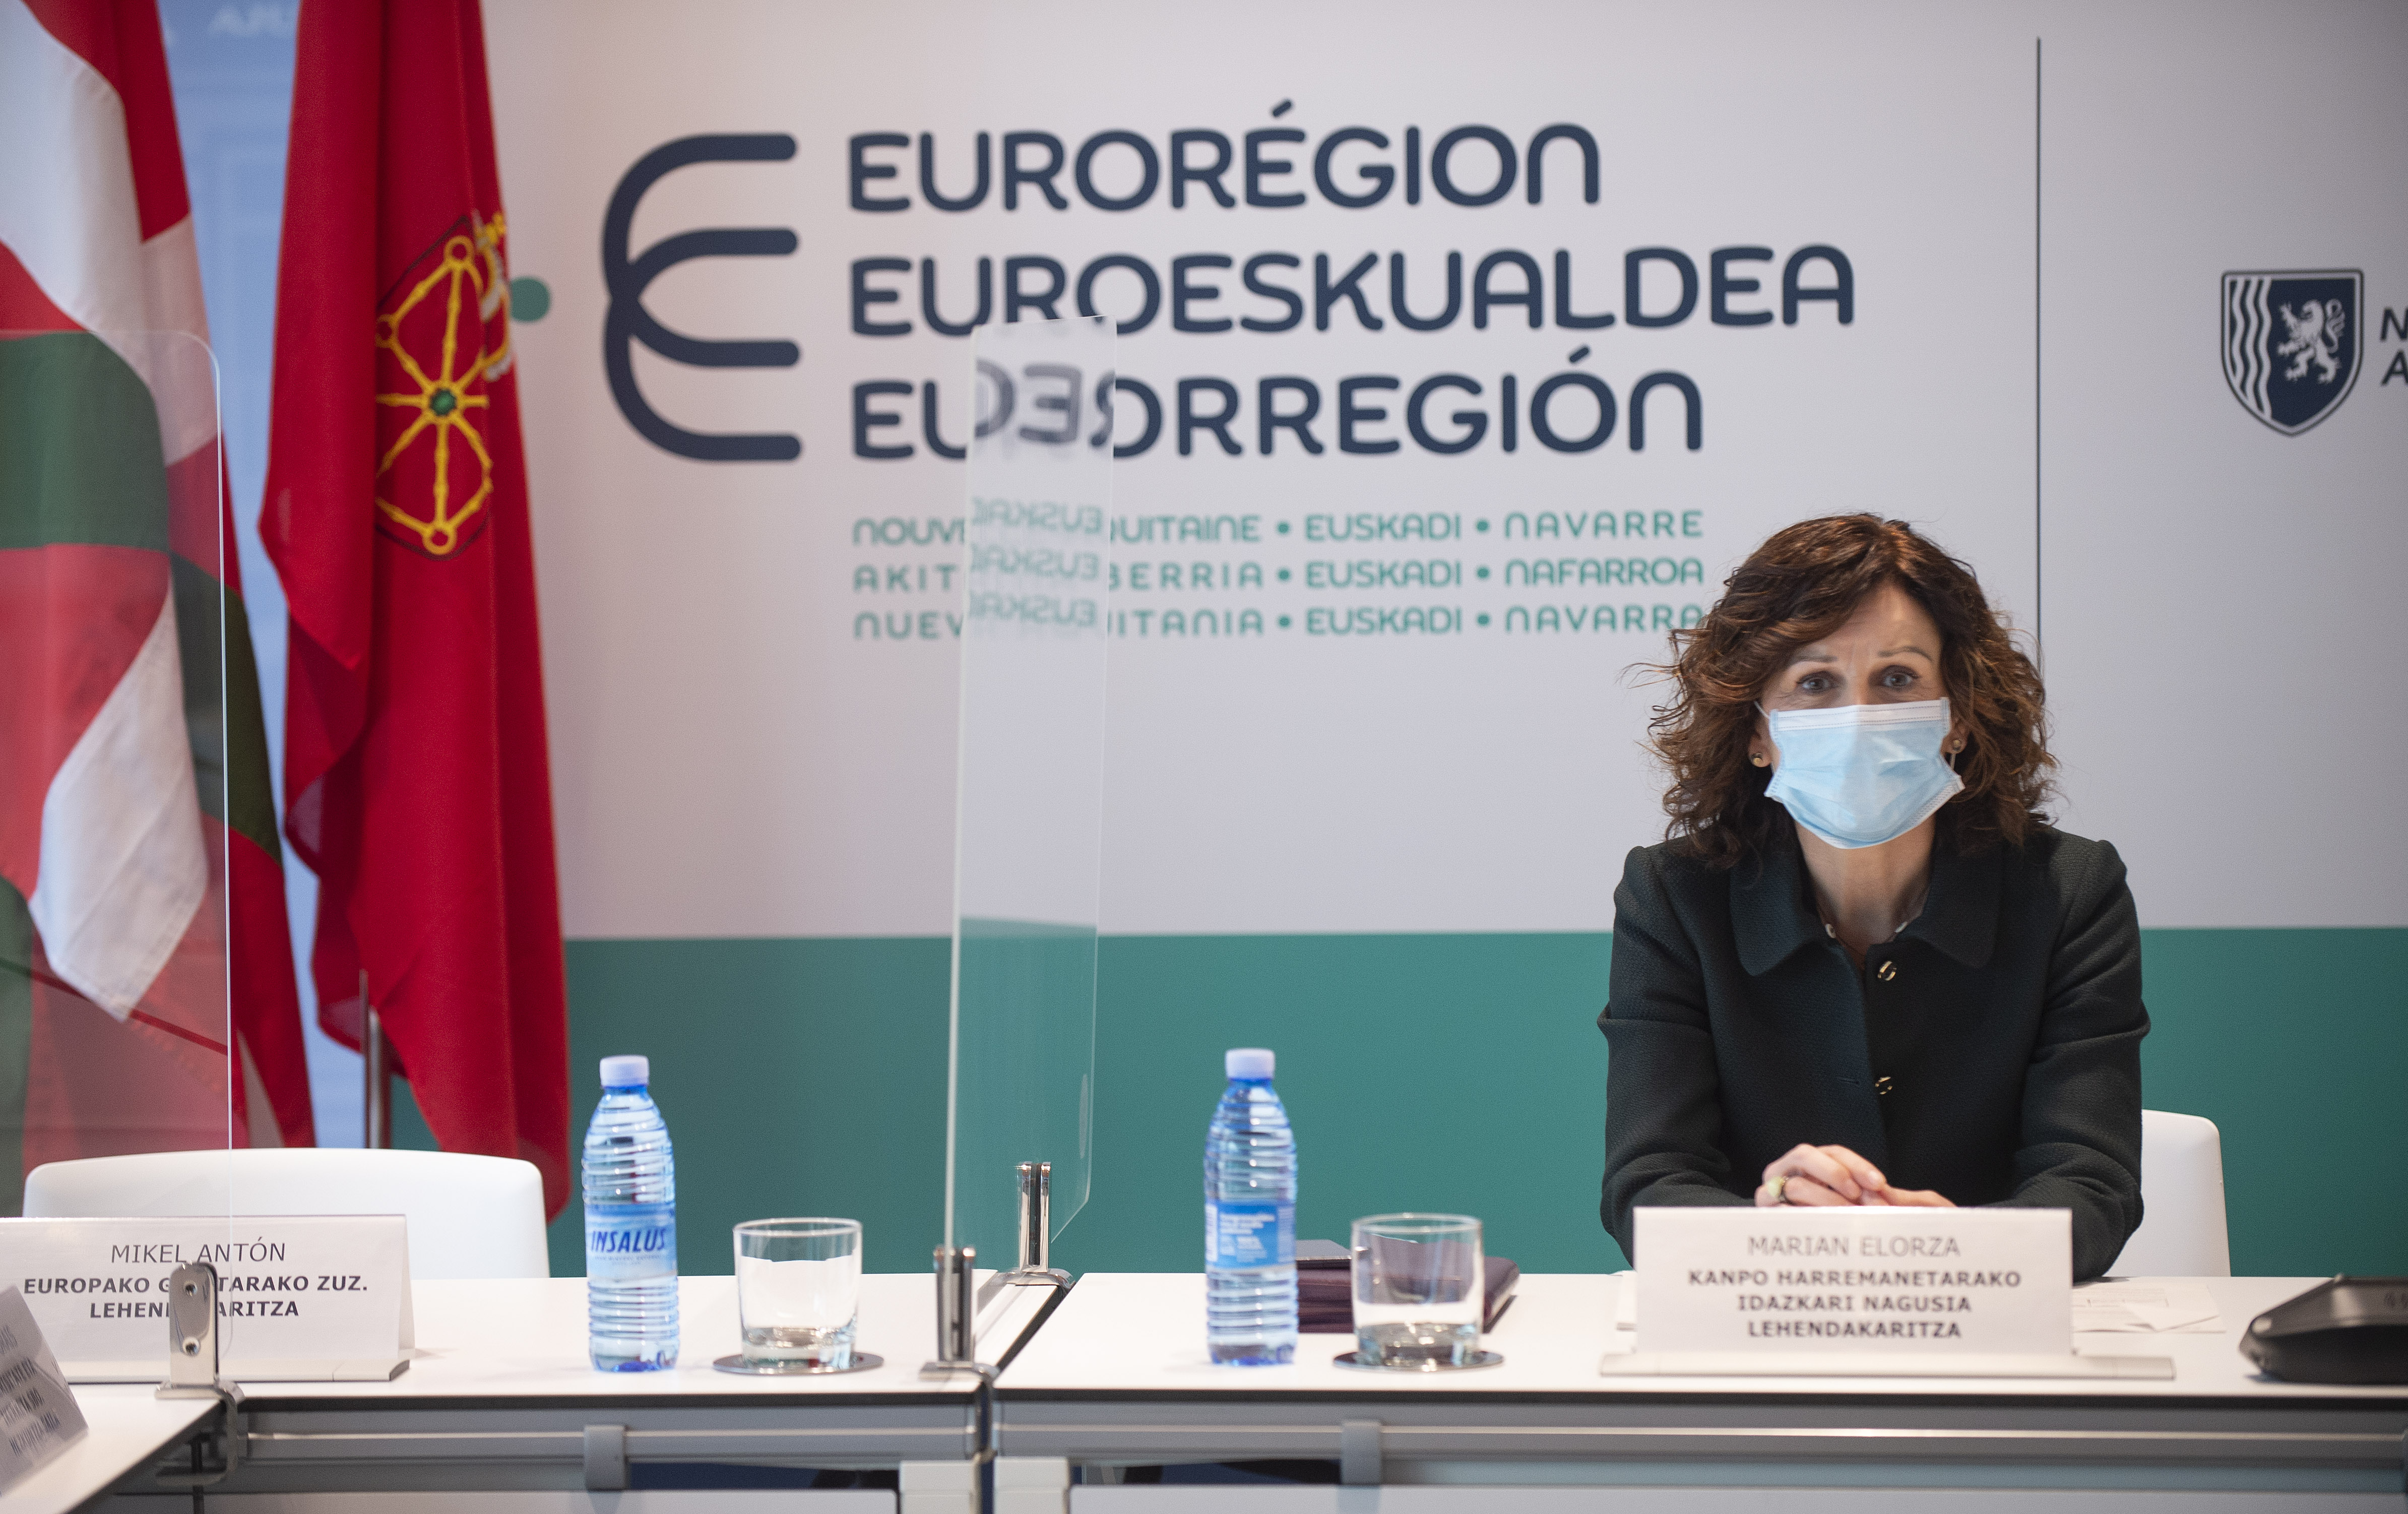 2021_04_13_elorza_eurorregion_02.jpg